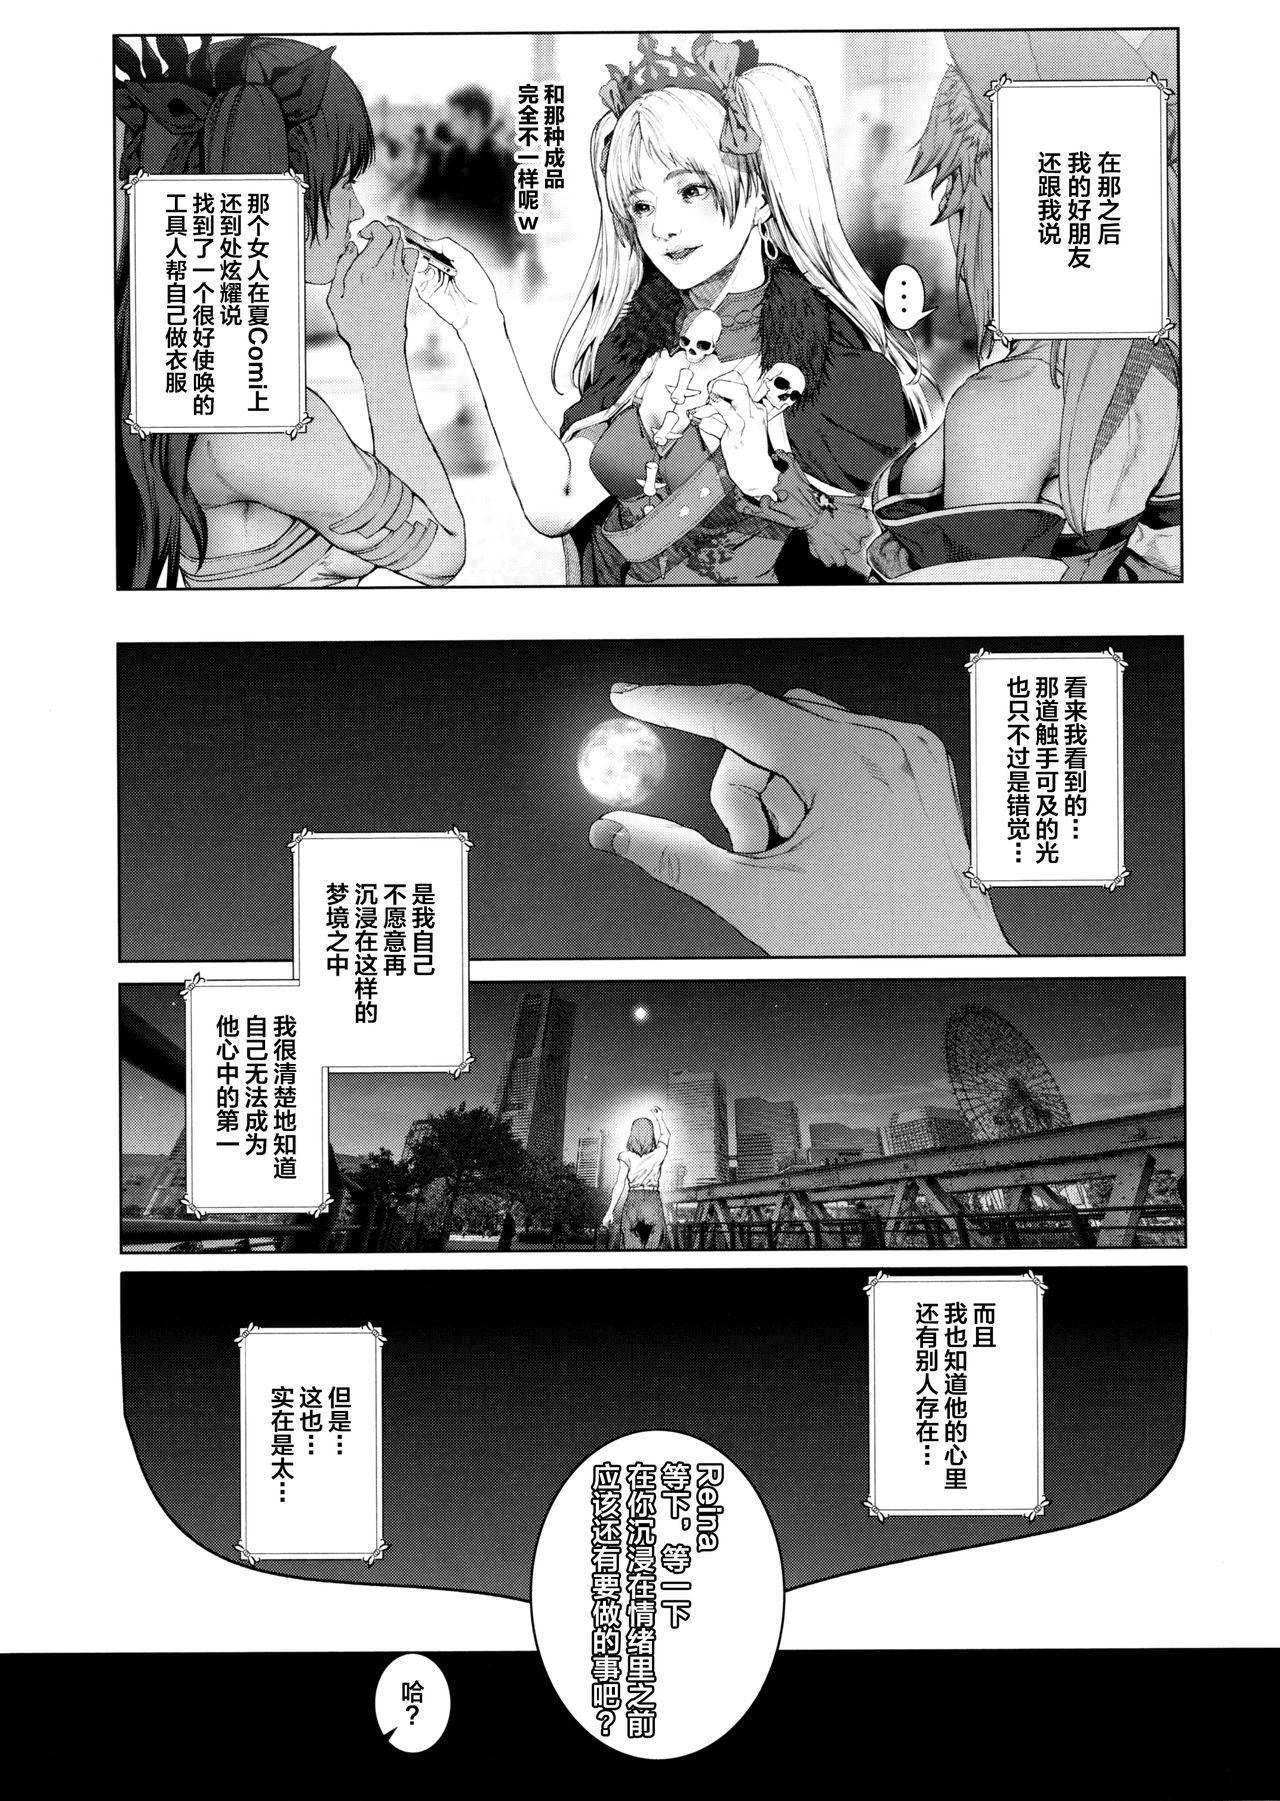 Cos wa Midara na Kamen Ninki Ikemen Layer no SeFri Ken Ishou Seisaku Tantou no Zoukei Layer wa Honmei Kanojo no Yume o Miru ka 22